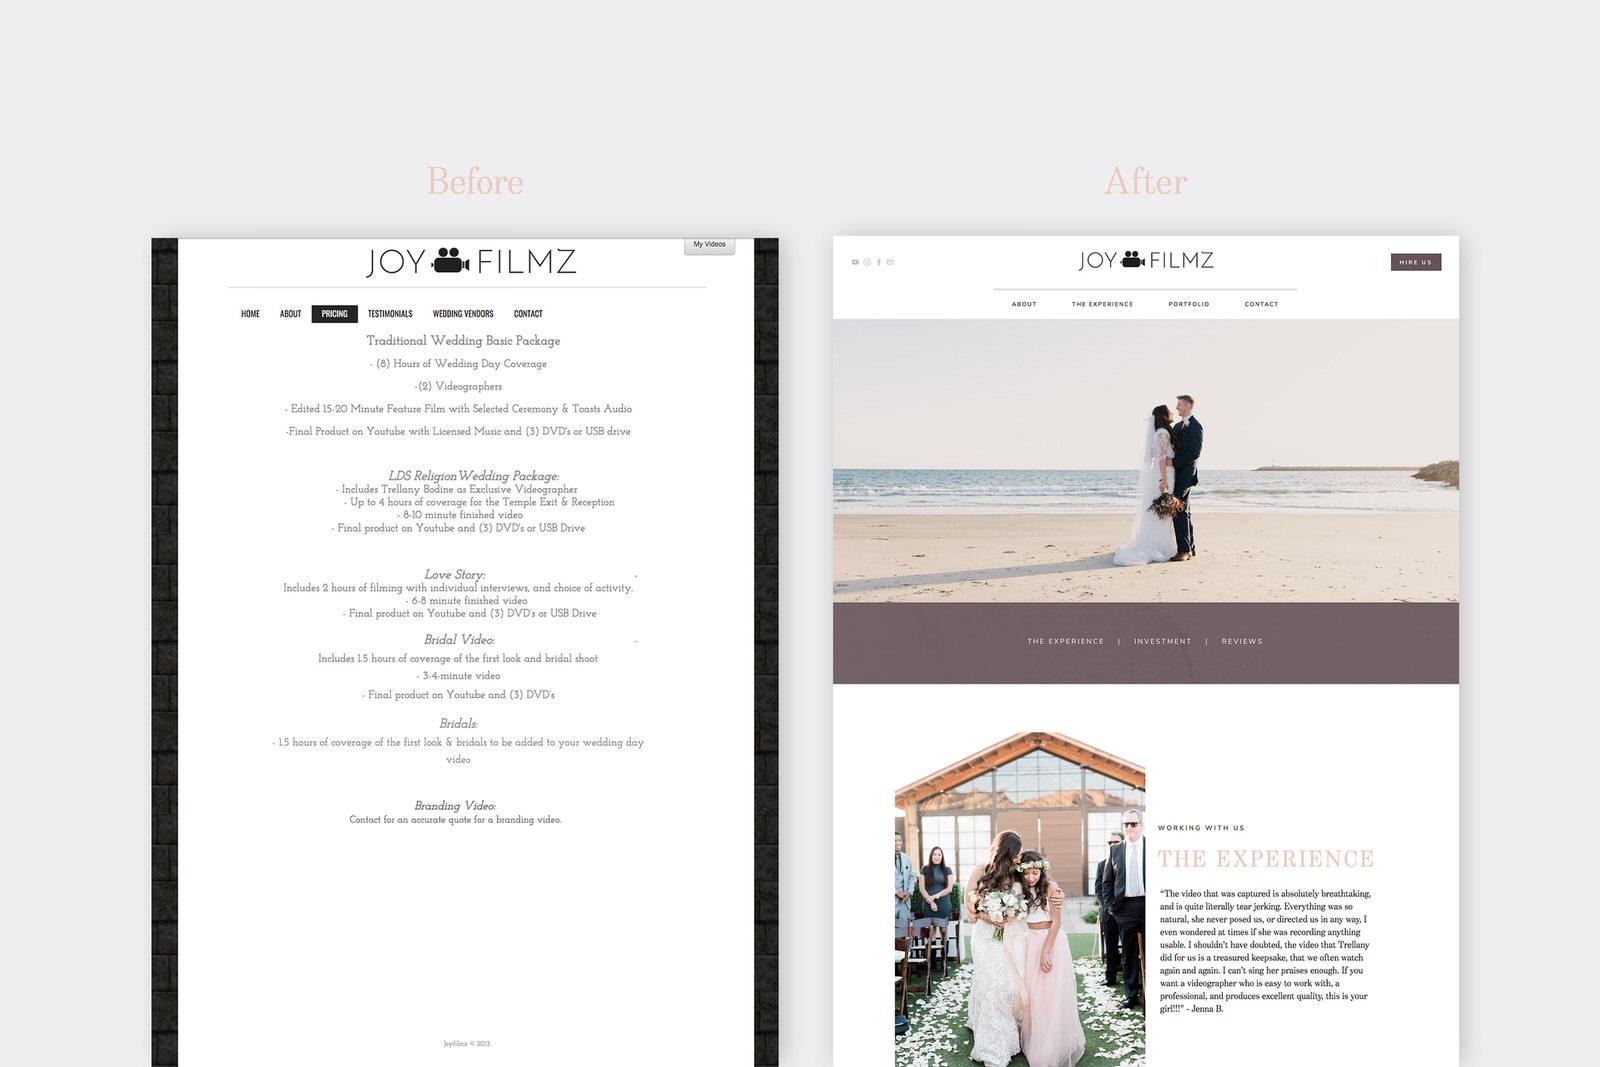 joyfilmz-portfolio2f.jpg